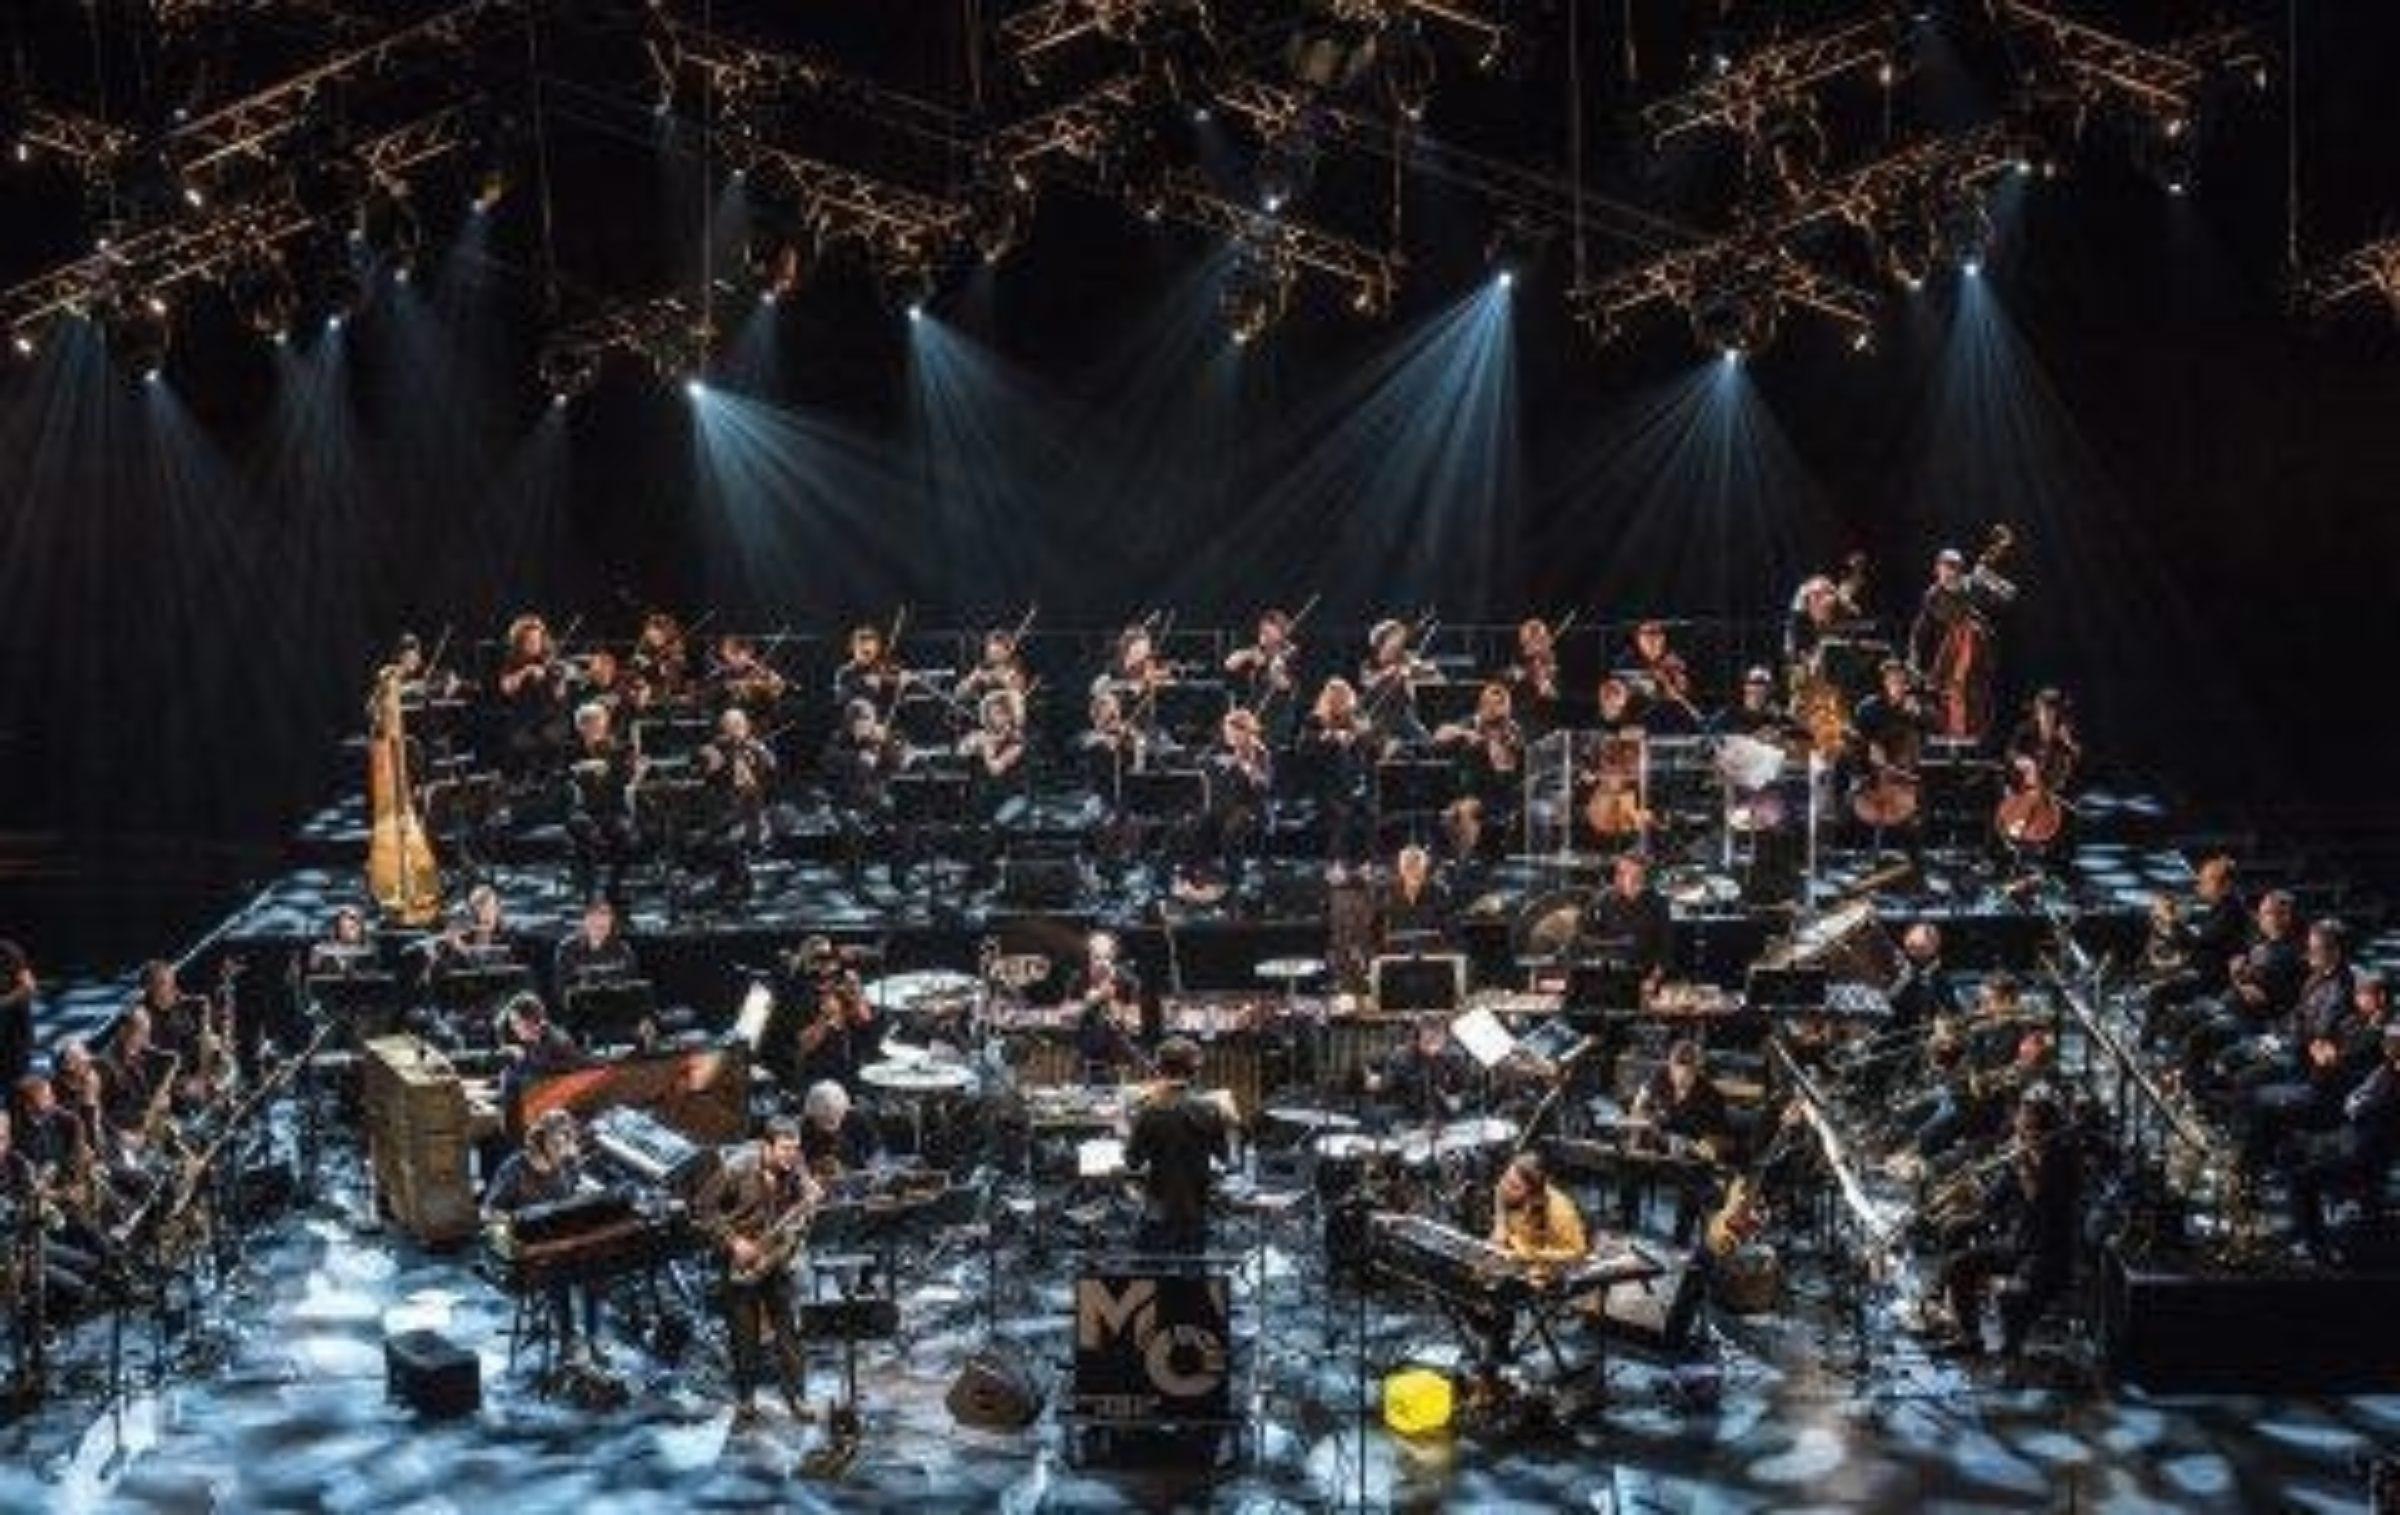 Metropole orkest 2643 1554714521 35hxfxx1iy